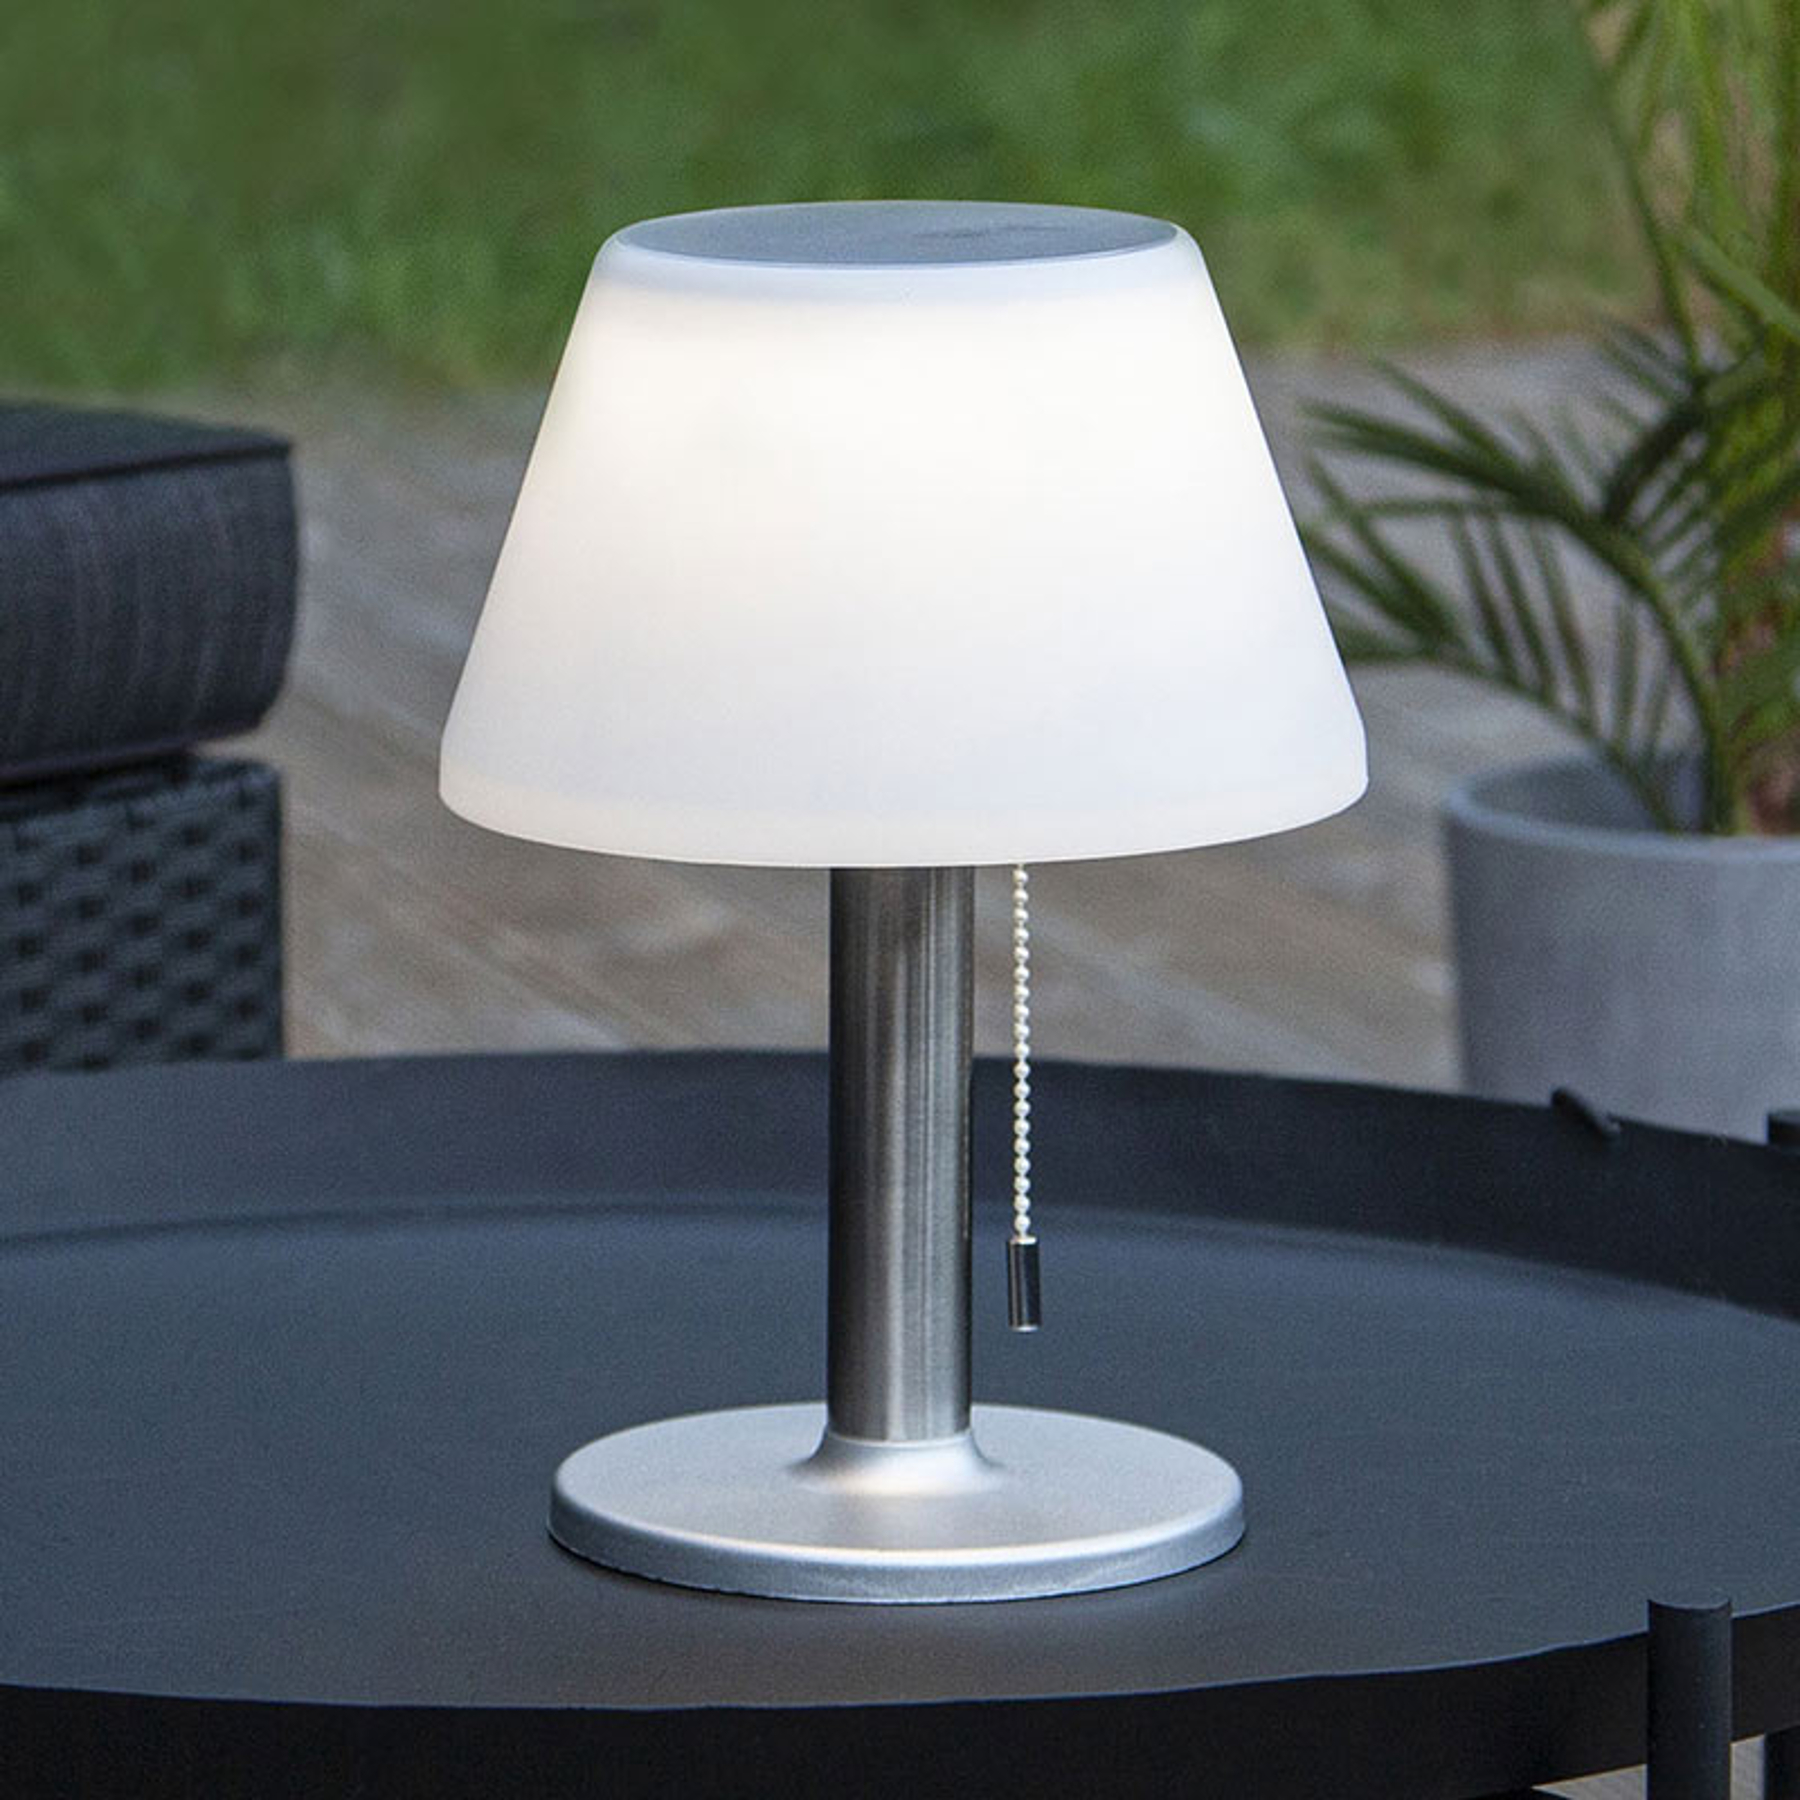 Solarna lampa stołowa Solia włącznik pociągowy